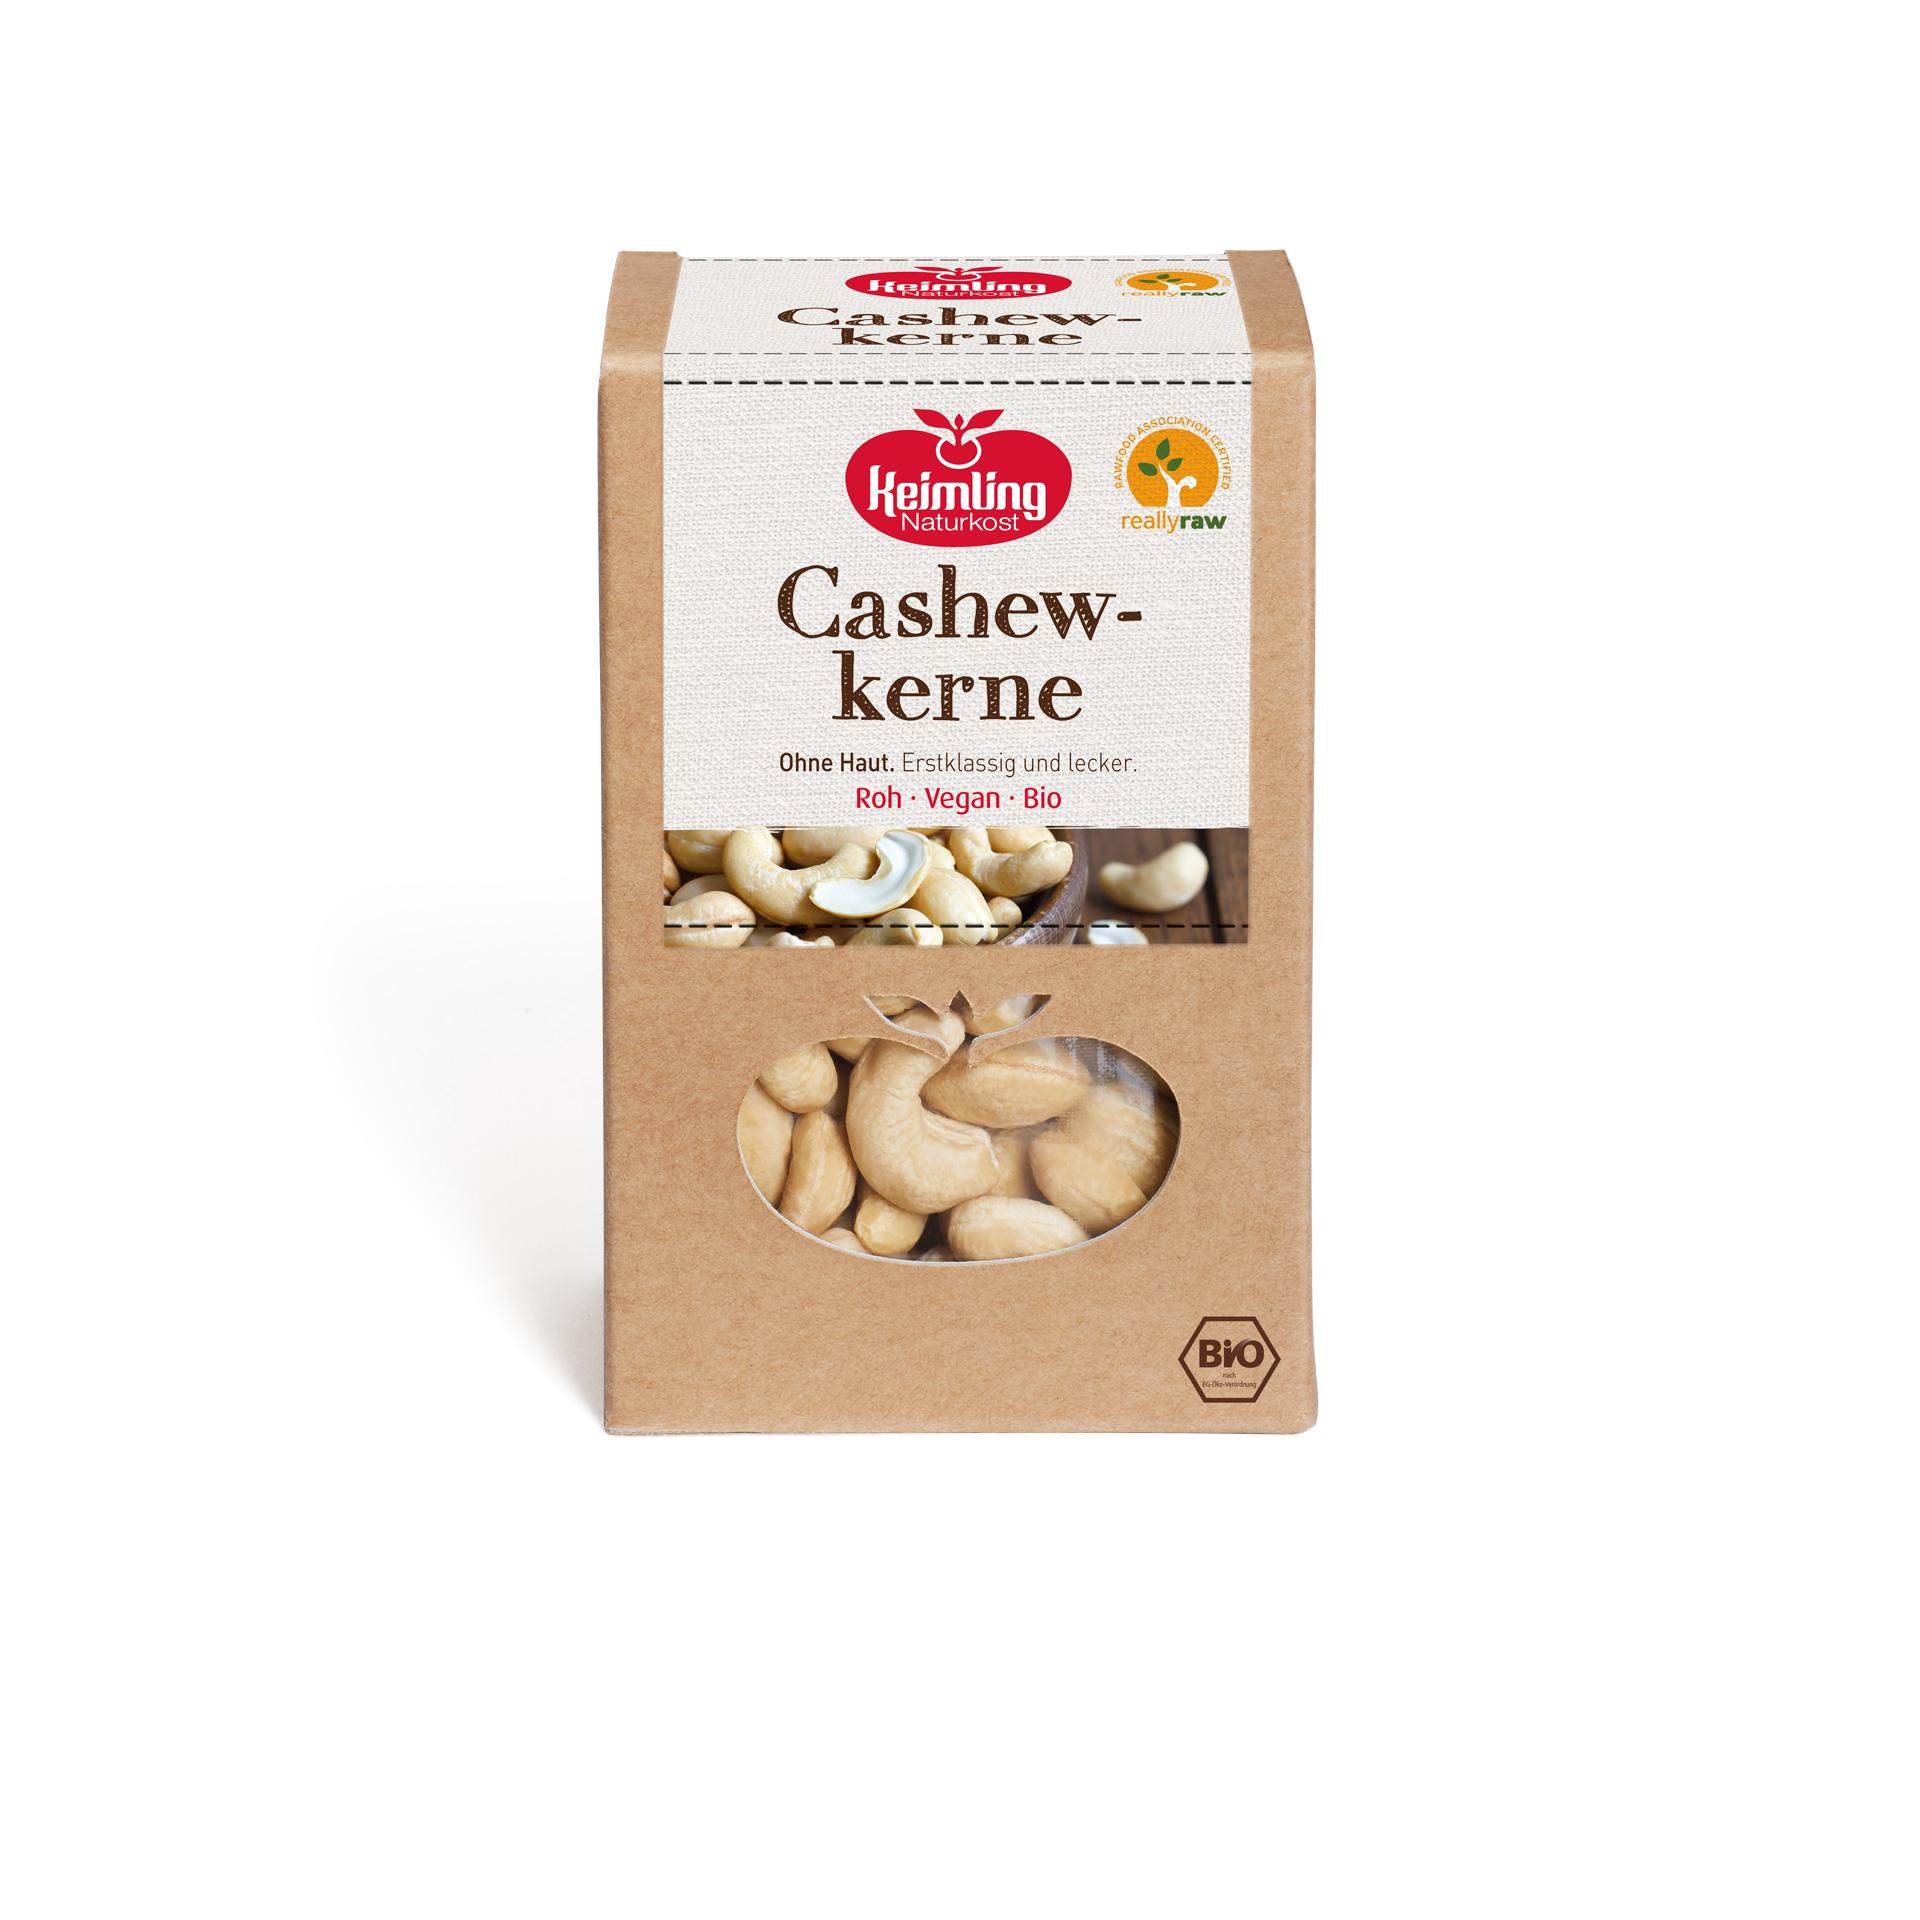 Cashewkerne von Keimling Naturkost, really raw zertifiziert